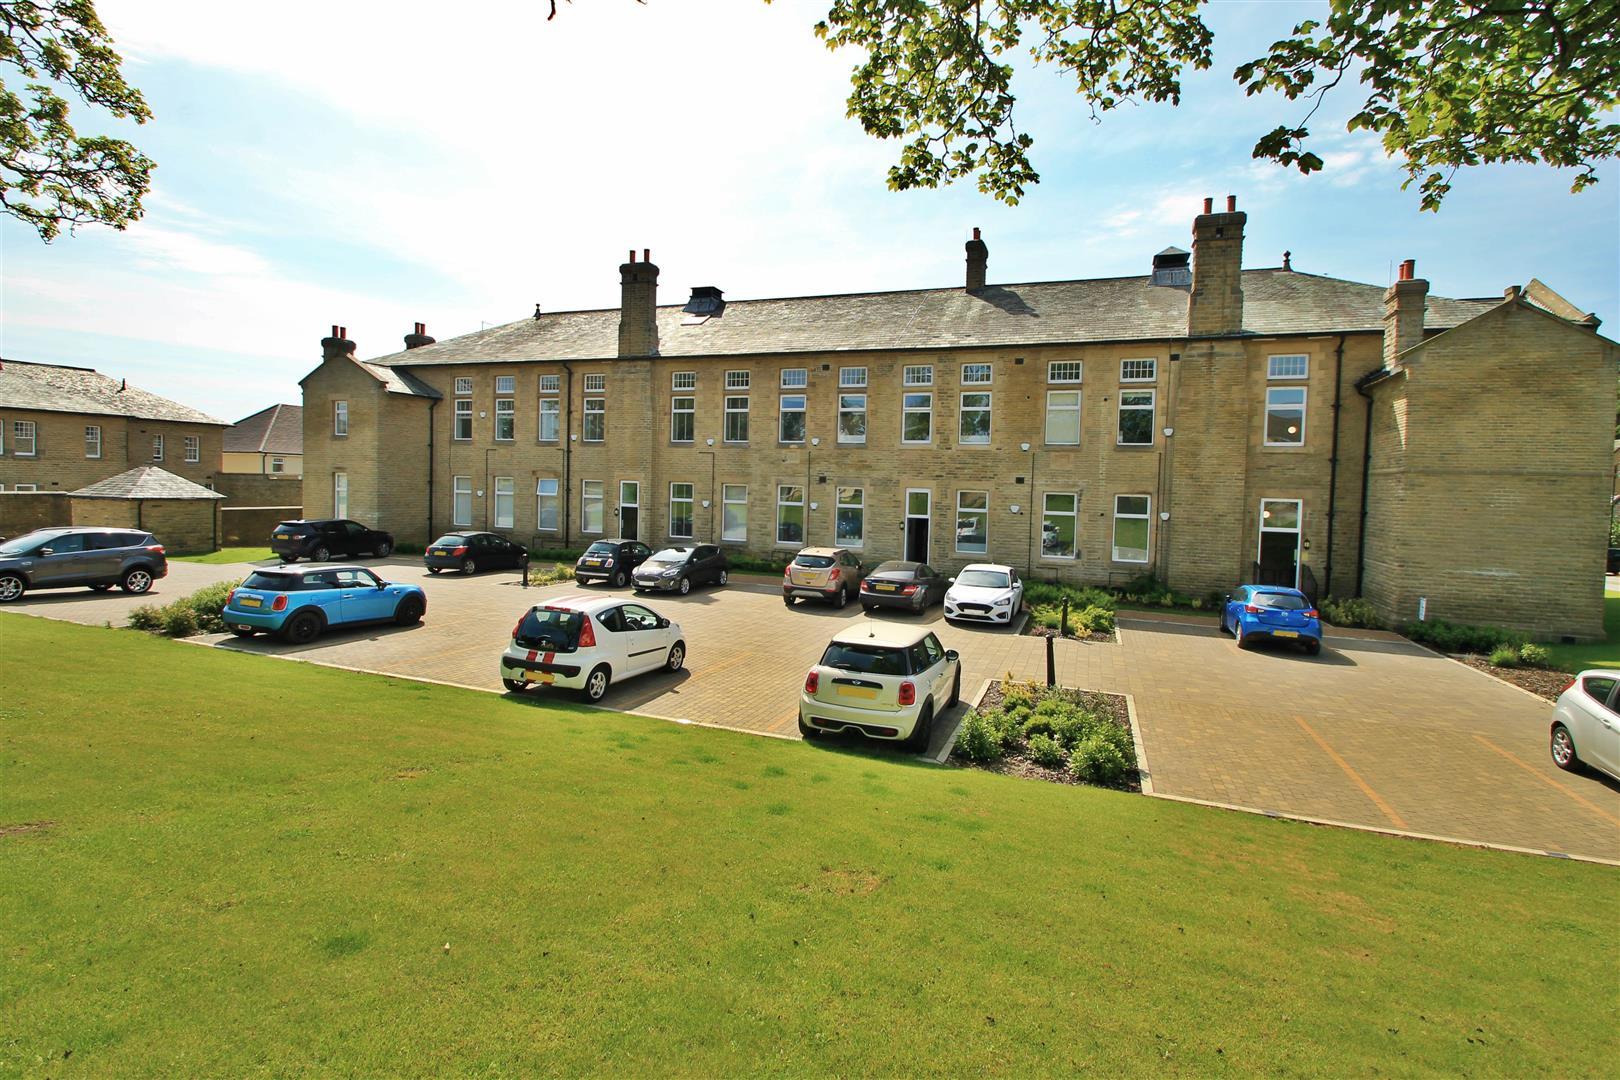 Arkendale Court, Melbeck Close, Menston, LS29 6RS